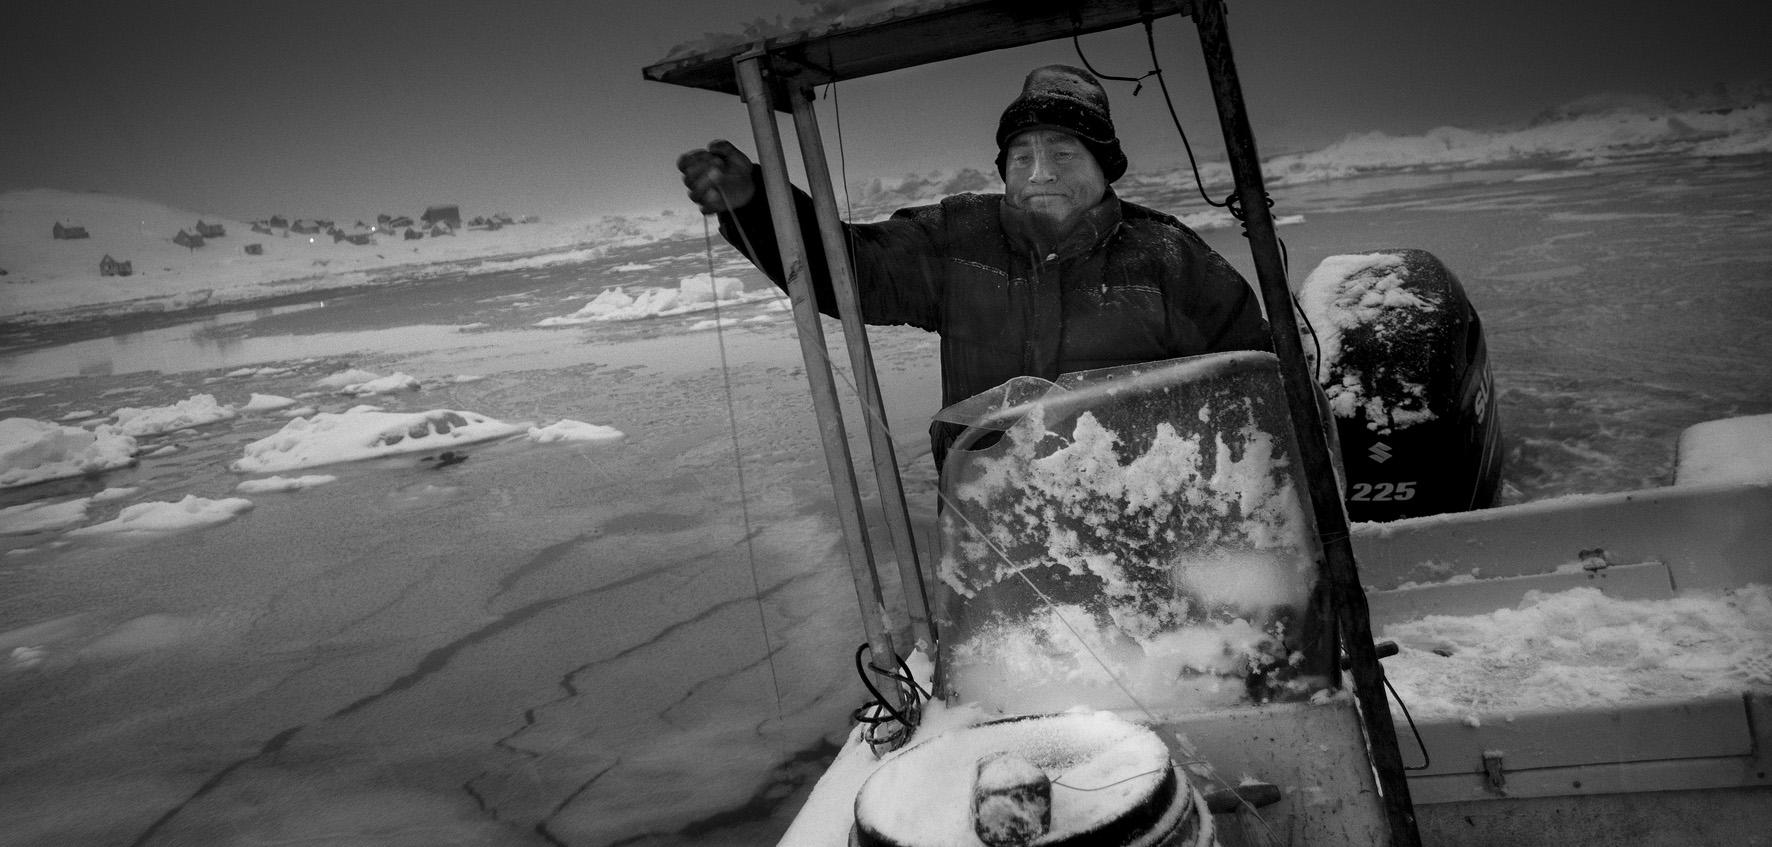 Greenland-Ragnar Axelsson00019